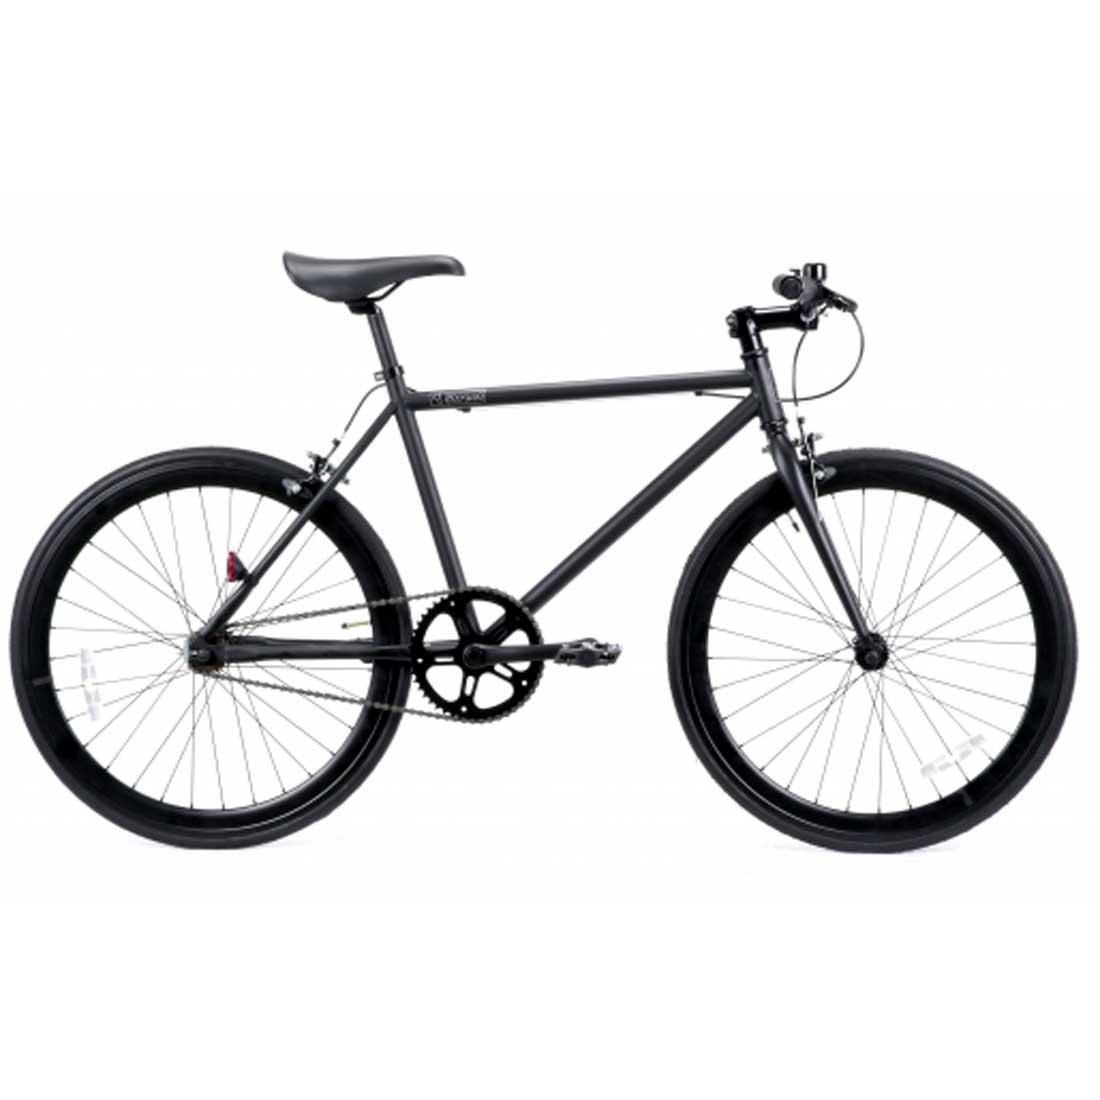 ピストバイク 24インチ ロードバイク シングルスピード おしゃれ 自転車 通勤 通学 レインボー T-STREET-24T マットブラック メンズ レディース